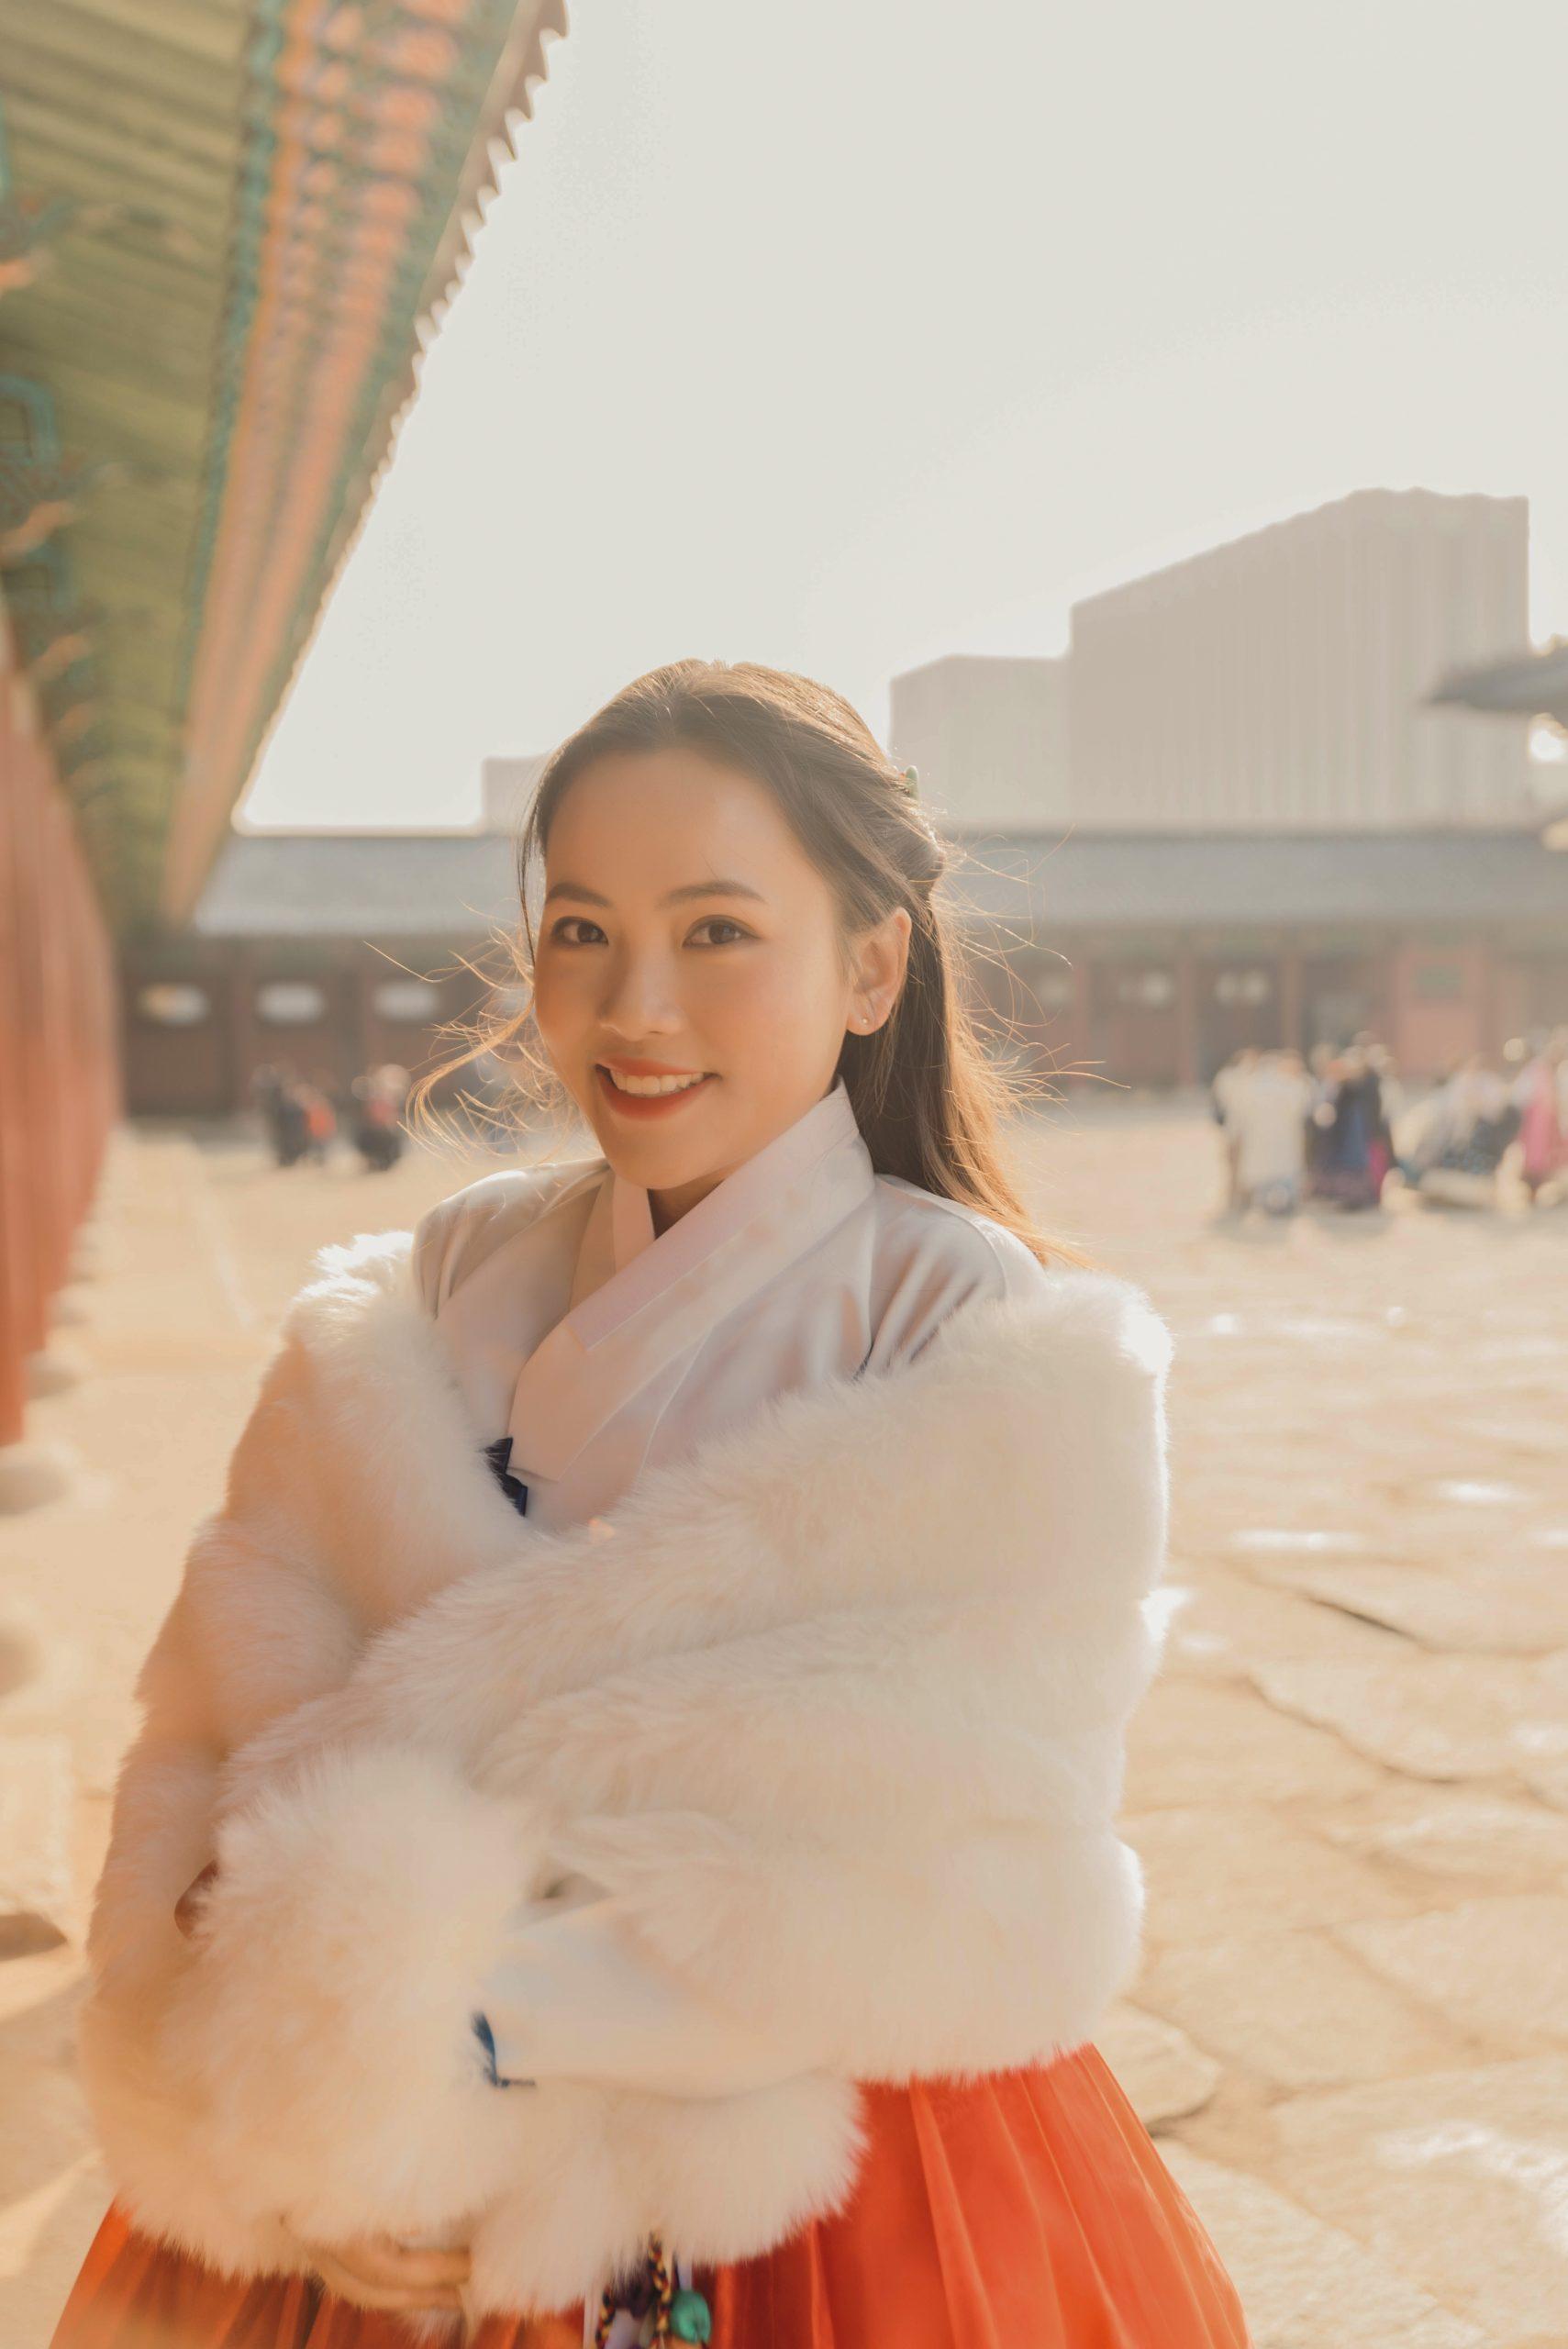 Korea - Phượng Ngô - Fall Semester of AY 2017-2018